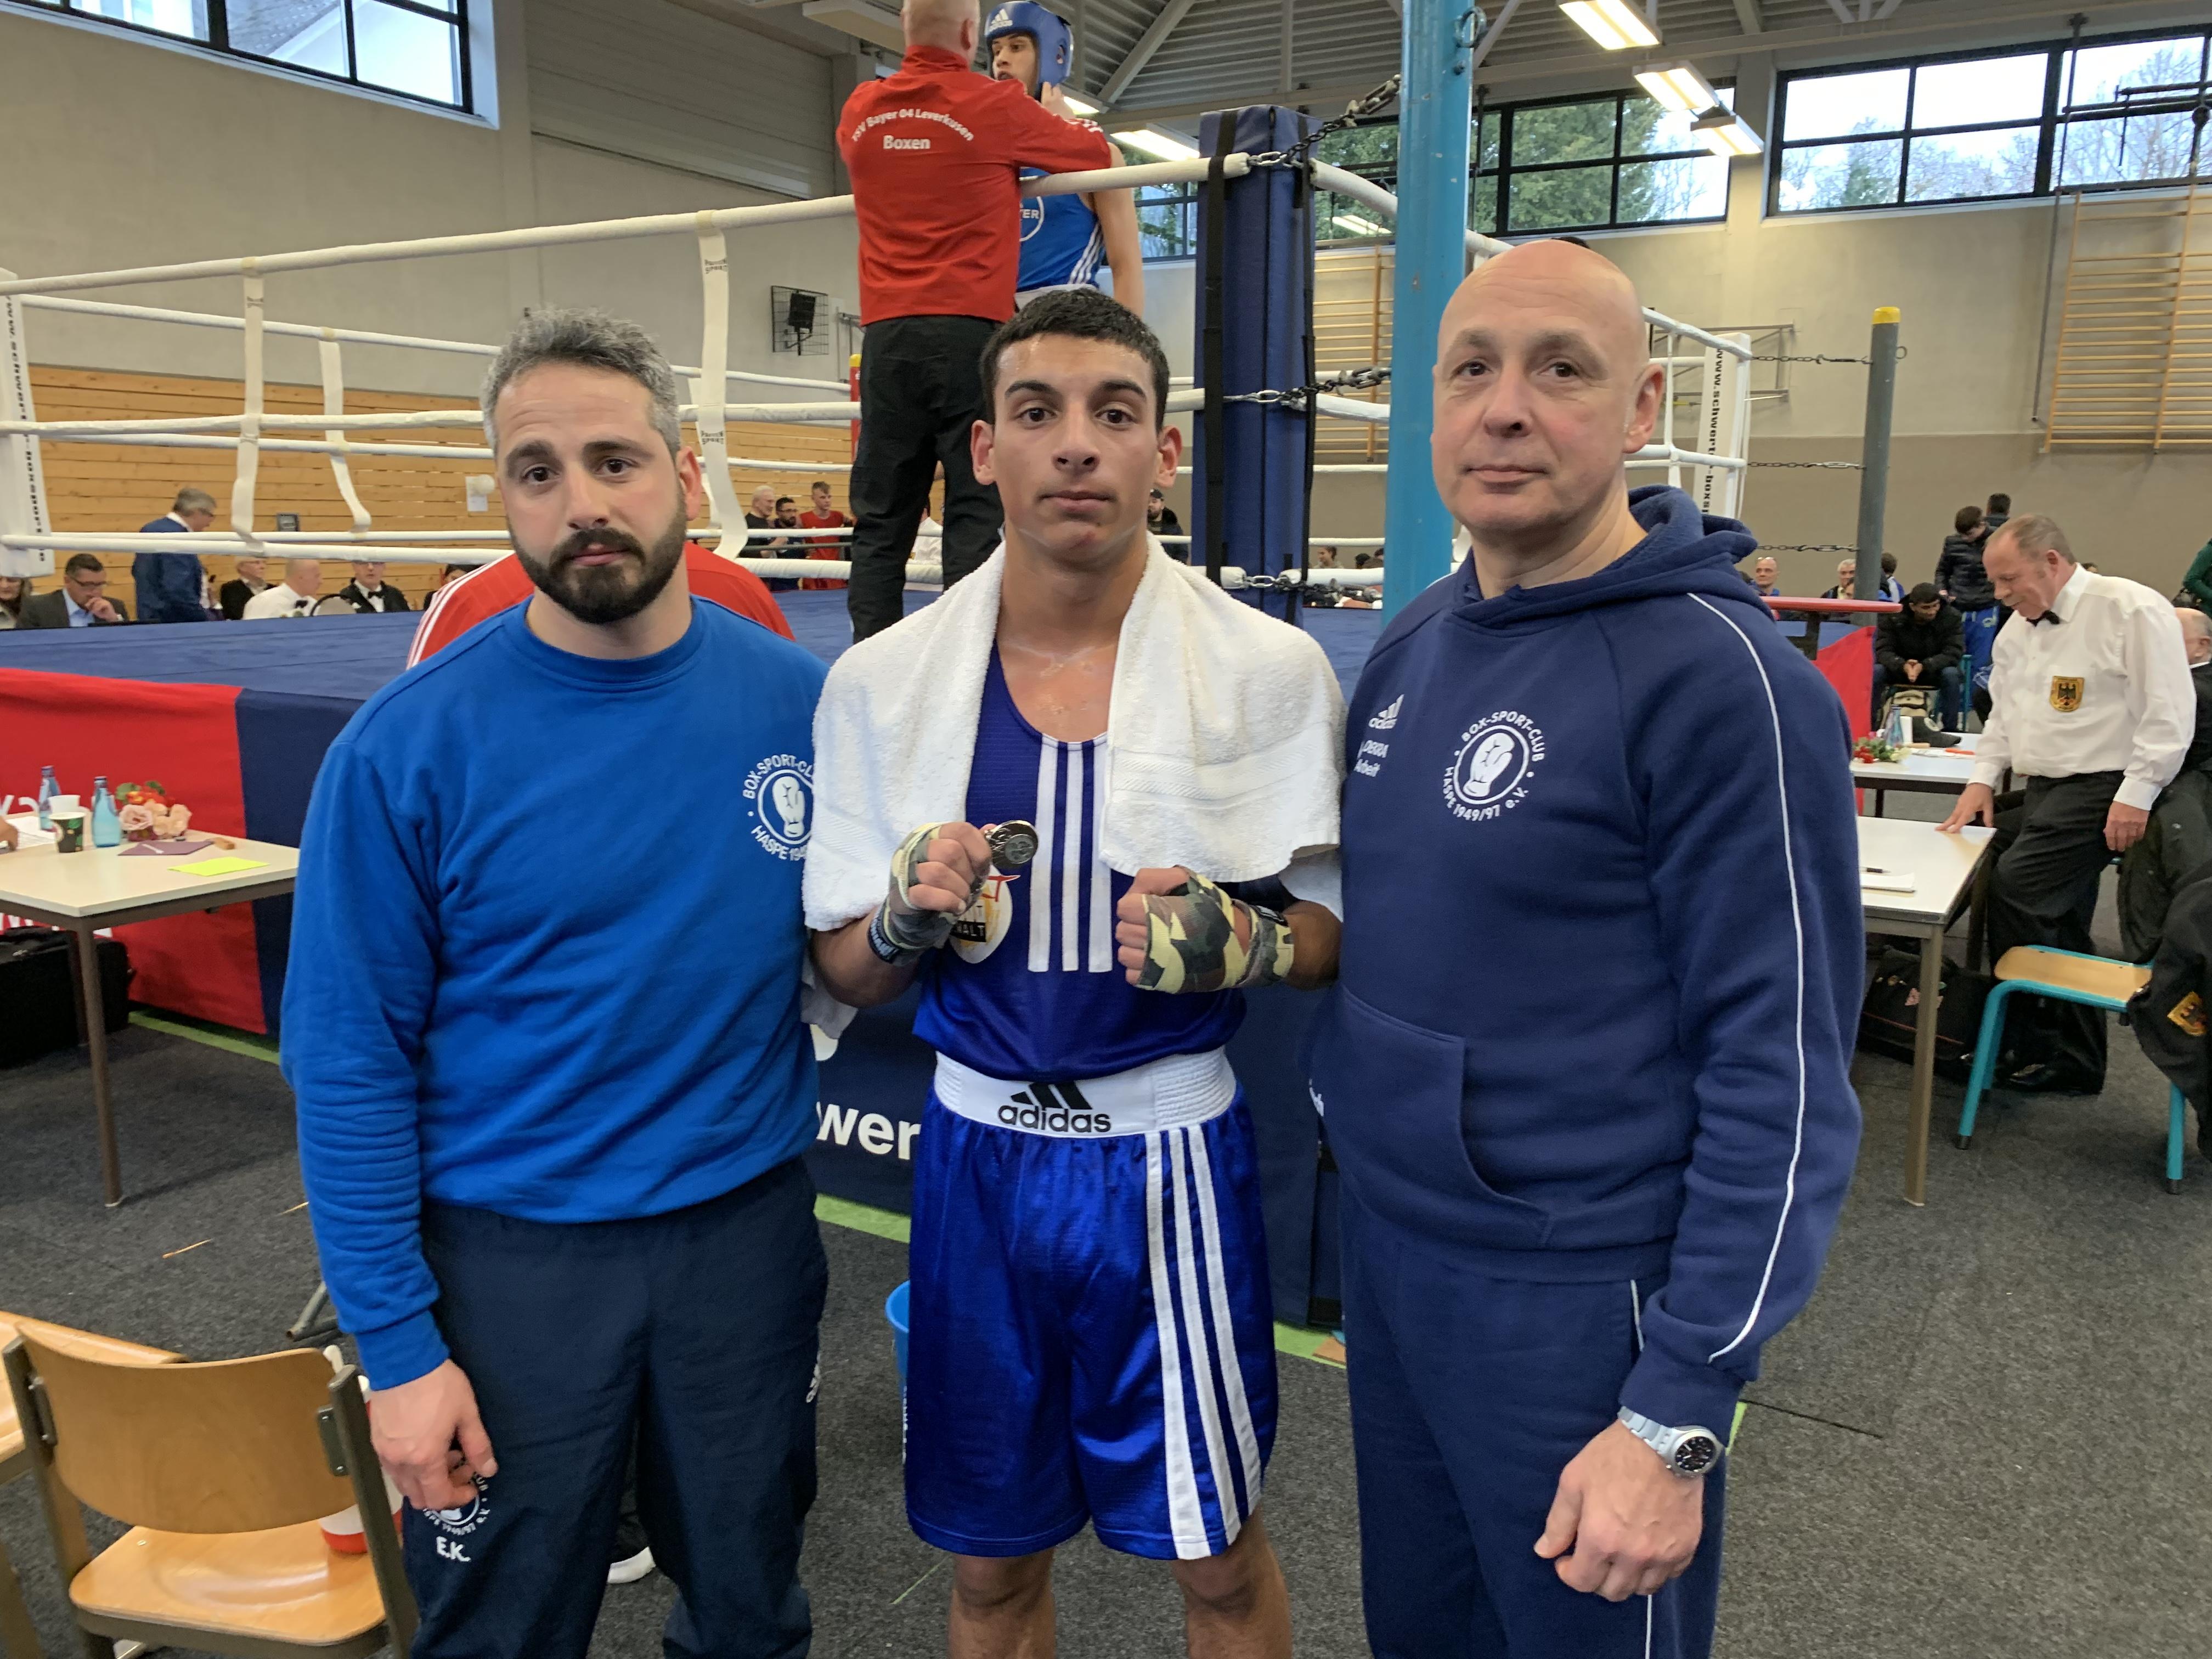 Landesmeisterschaft NRW 2019 Esat Kösemihaloglu, Vize Landesmeister NRW Aleks Georgiev und Coach Raul Fernández